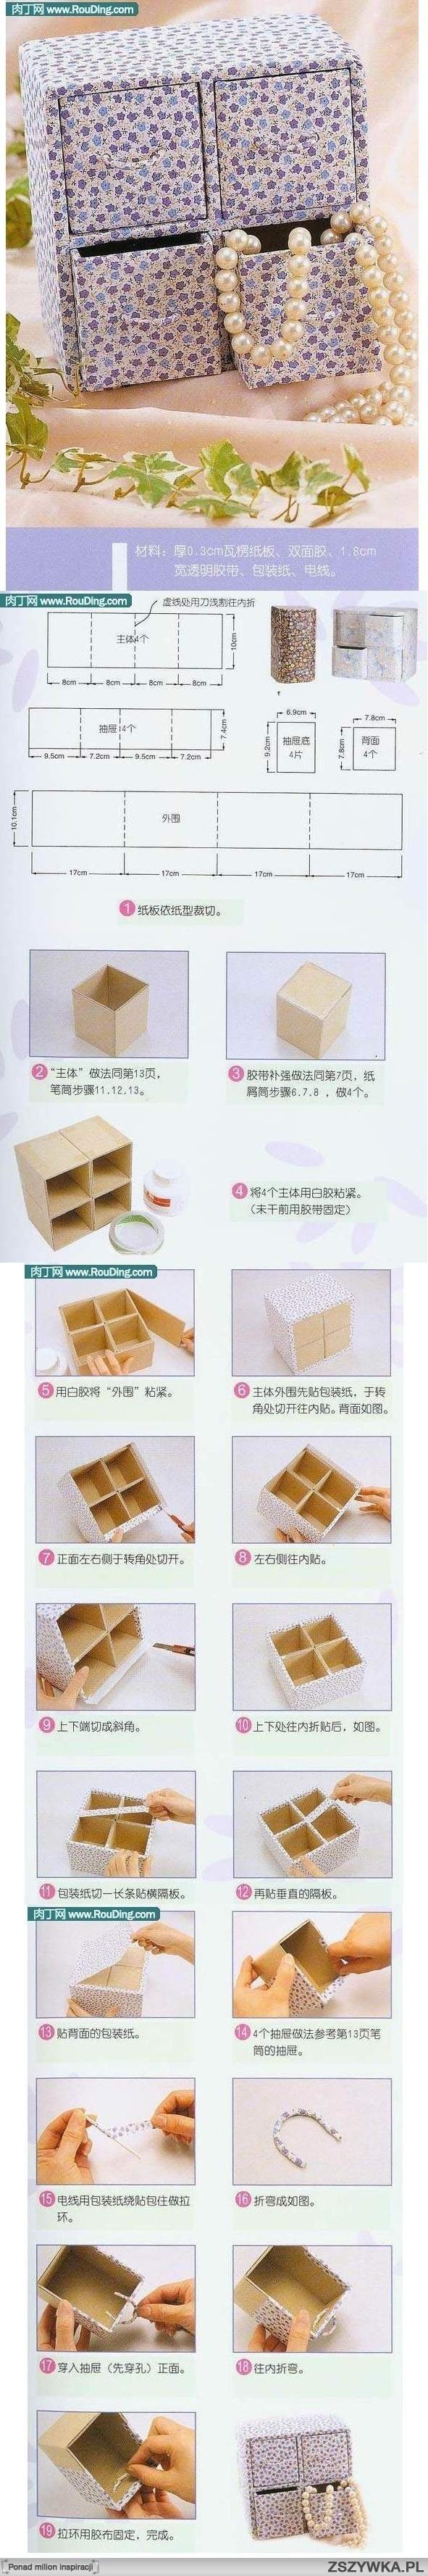 caixa gavetas